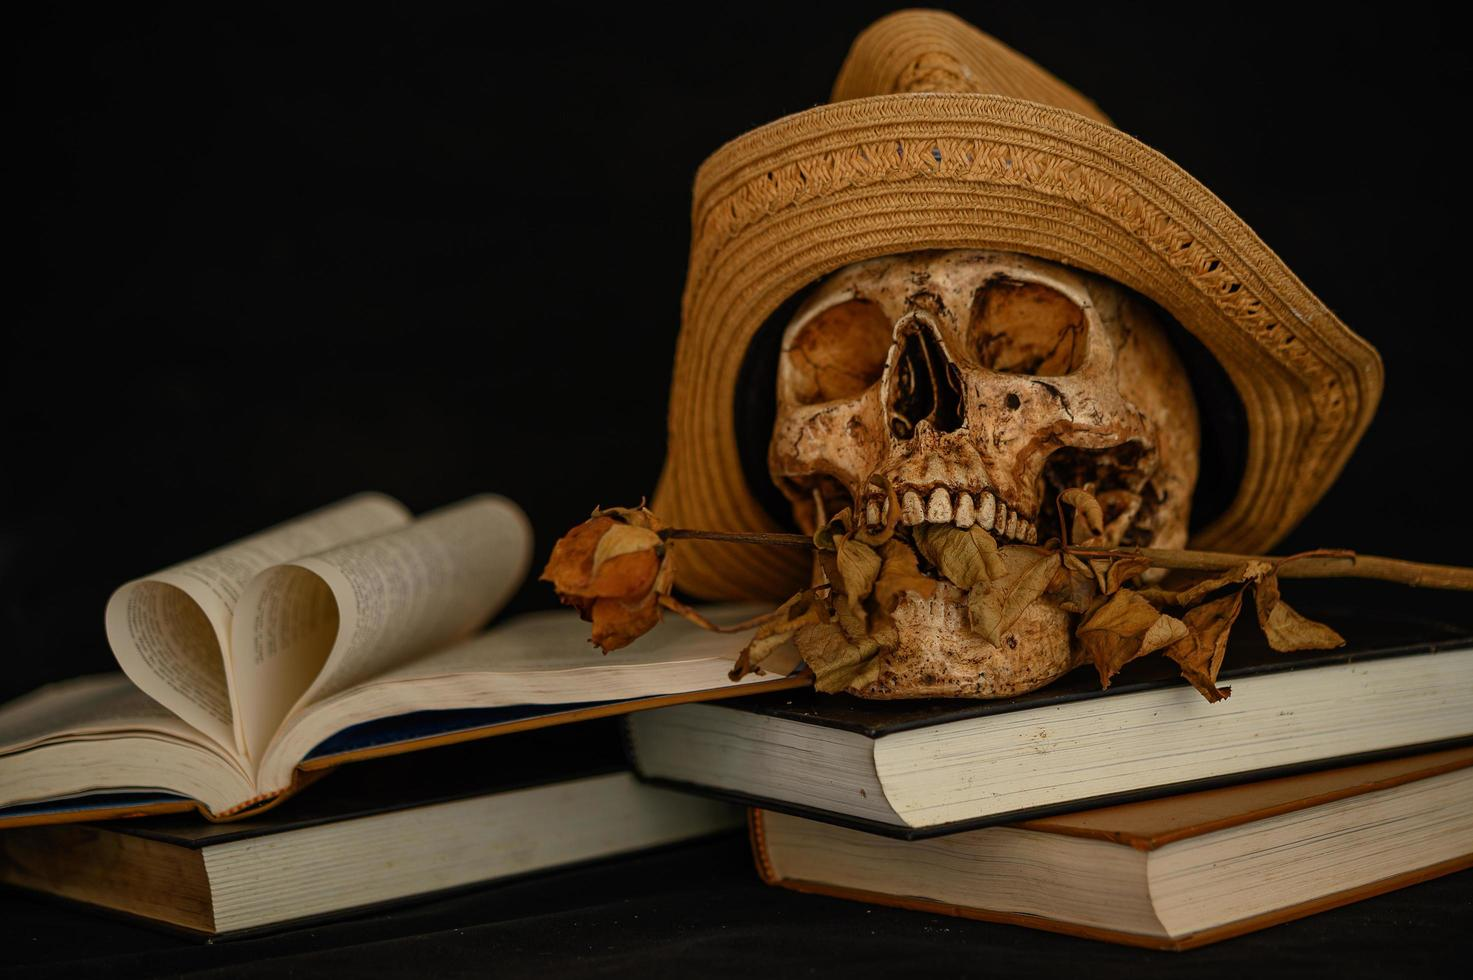 natureza morta com um livro em forma de coração e uma caveira com flores secas foto